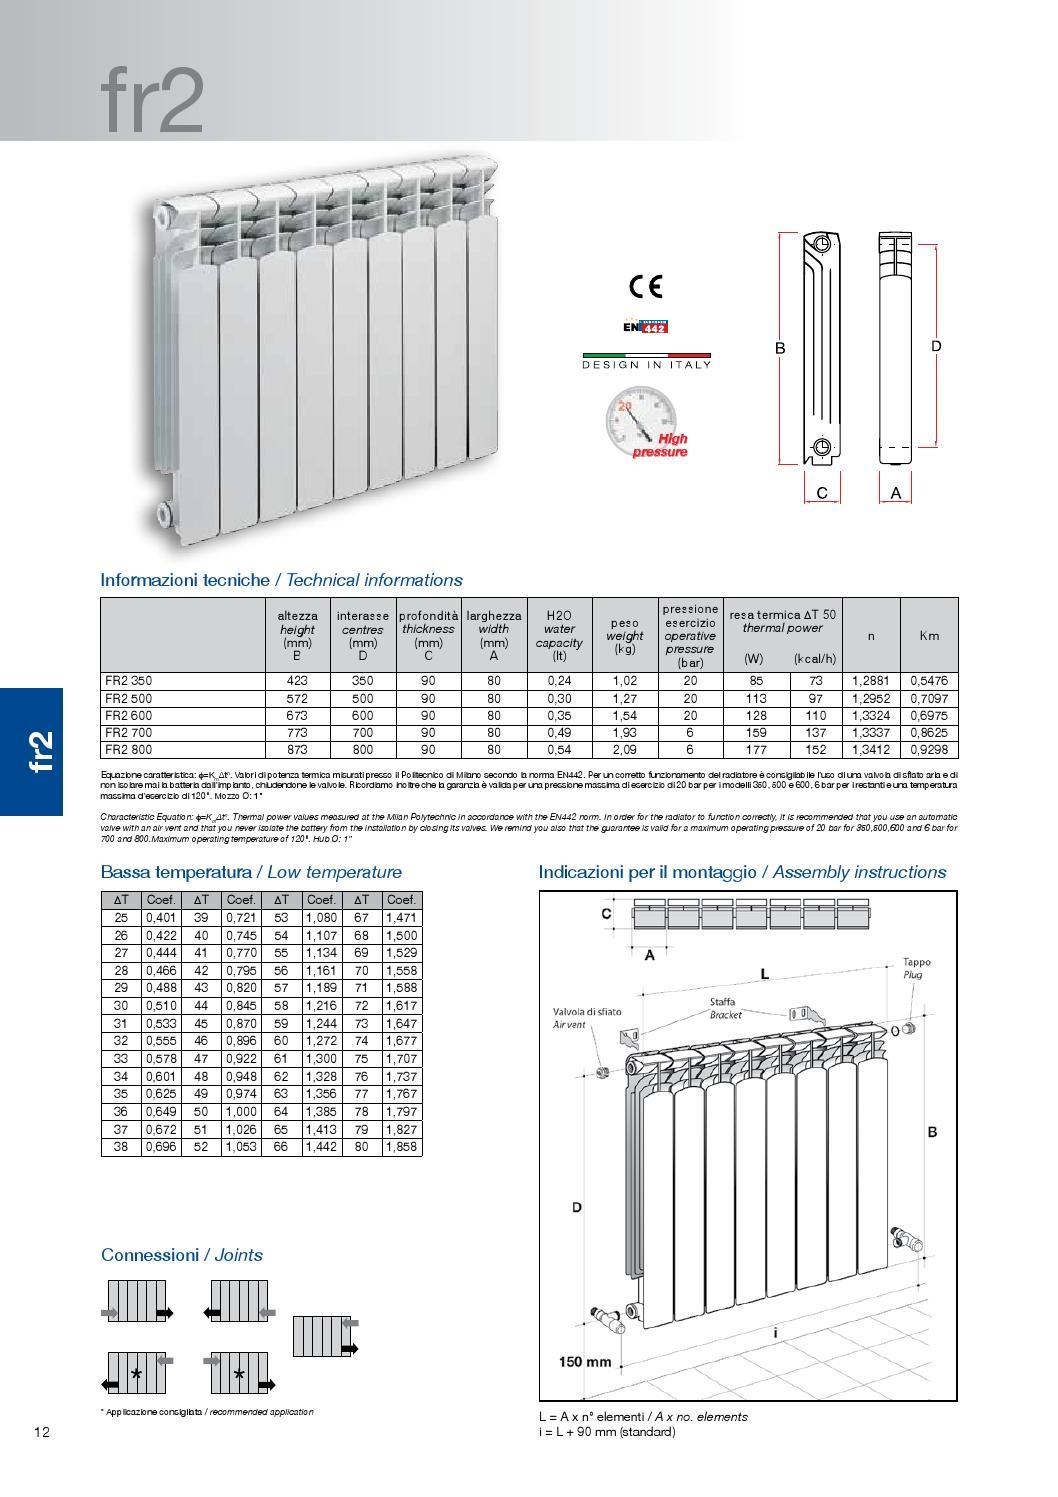 Scheda tecnica radiatore in alluminio fr2 by non solo for Helios termocamini scheda tecnica